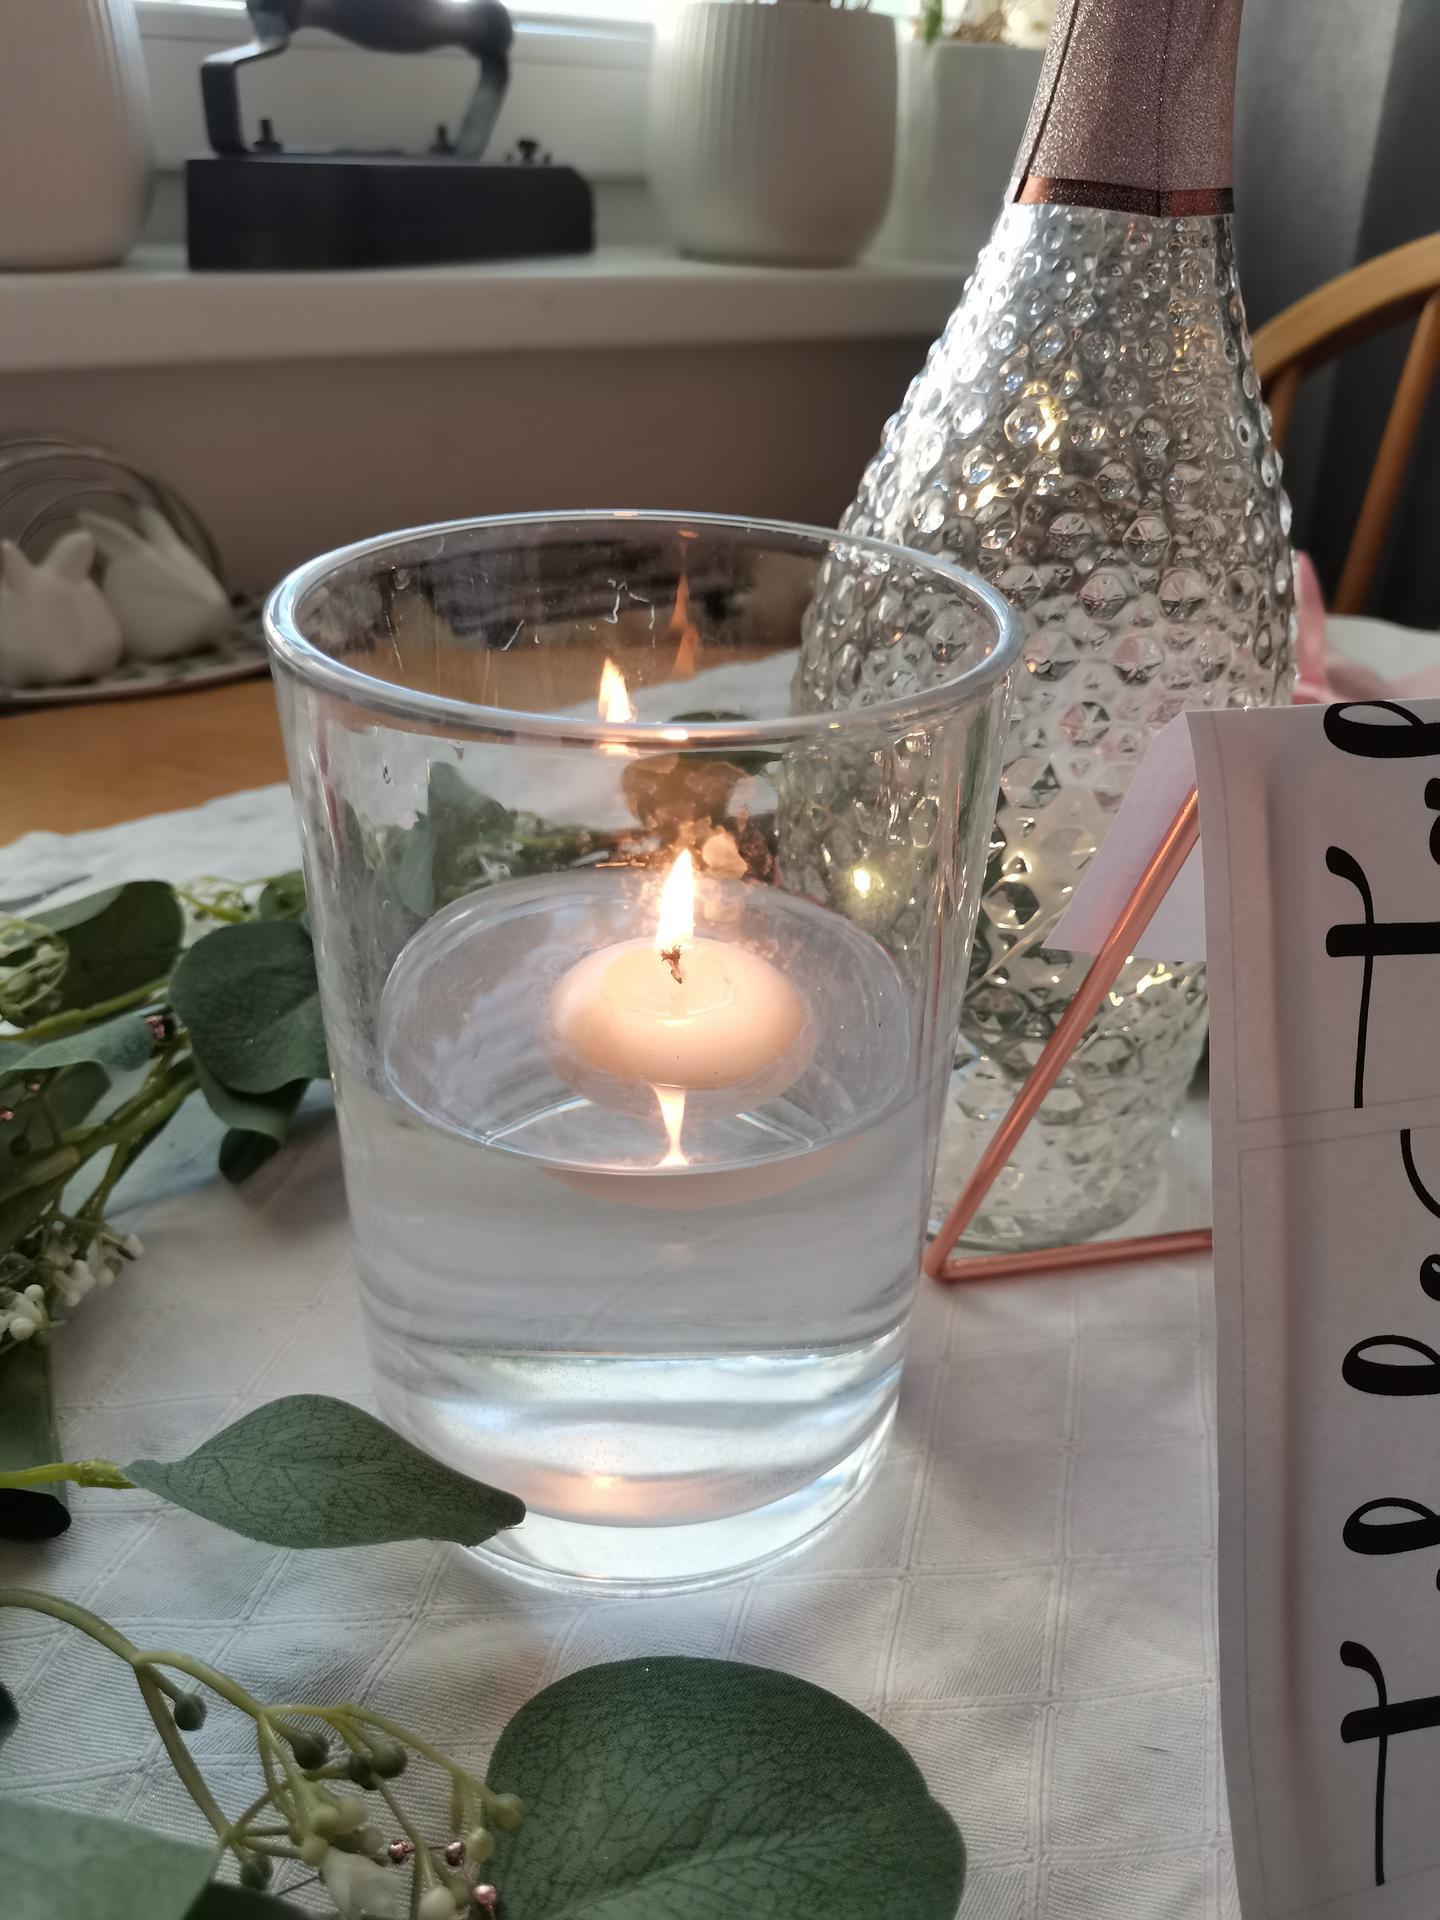 Vrabcovi 10.9.2022 - shanim tyto vázy (tuhle jsem měla doma)